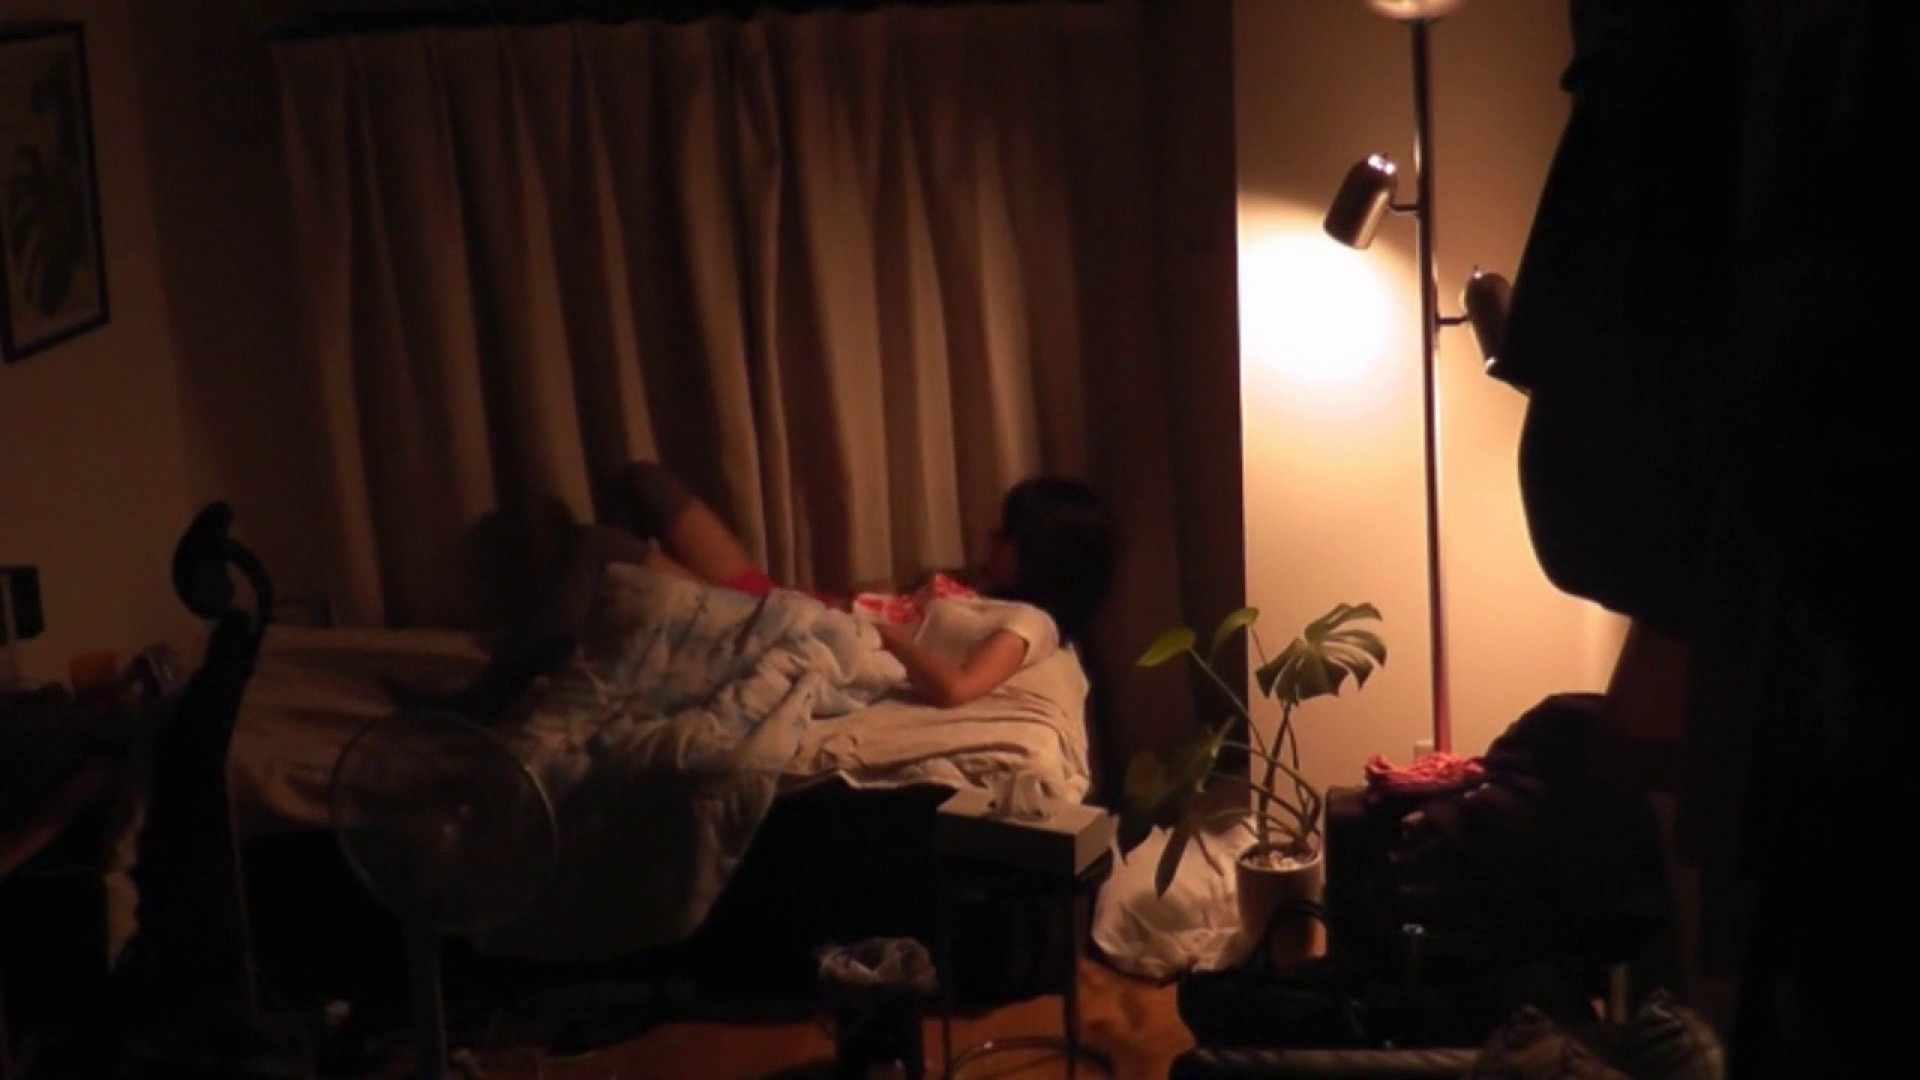 美女だらけのプライベートSEXvol.1 プライベート 盗み撮り動画キャプチャ 51PIX 51